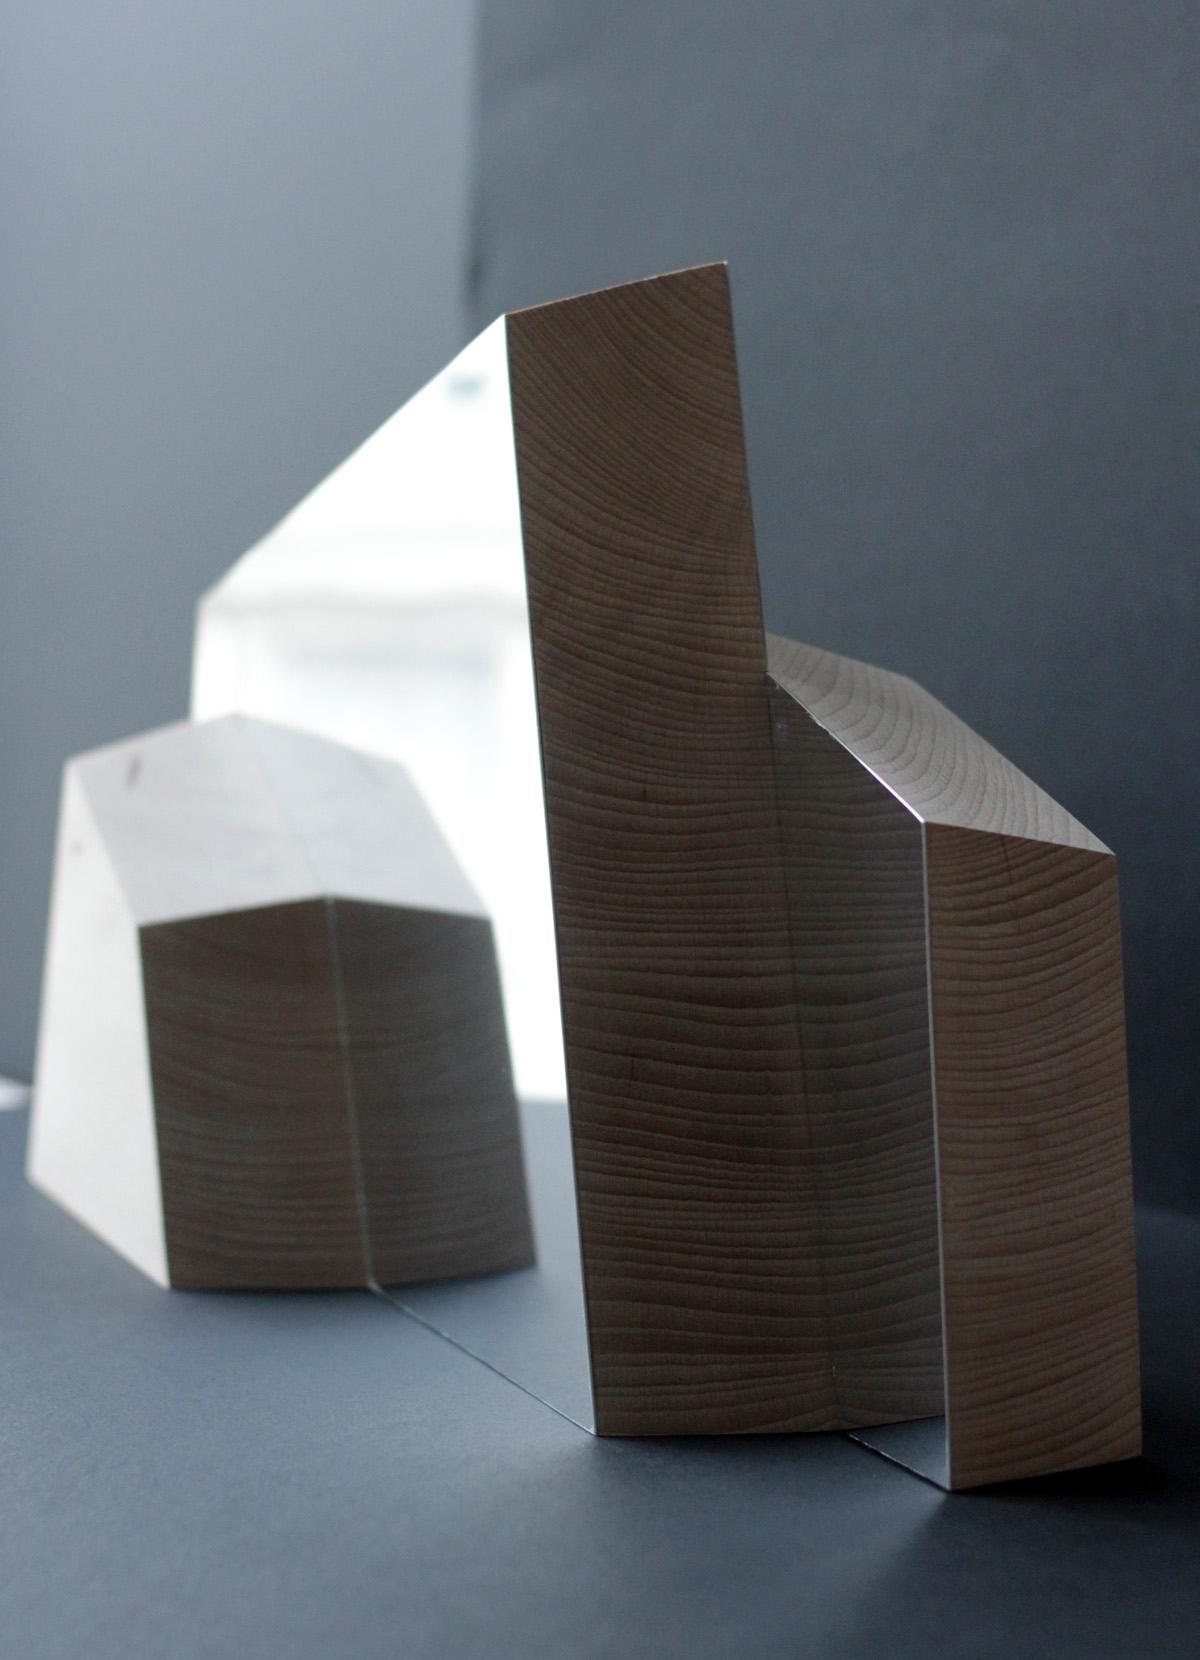 Miroir bois ALPI - bois - inox poli - Objet - double face - allures de montagnes - Vue de côté - détails bois et tranche de l'inox poli. - Design sur-mesure - Agence MAJOTIK